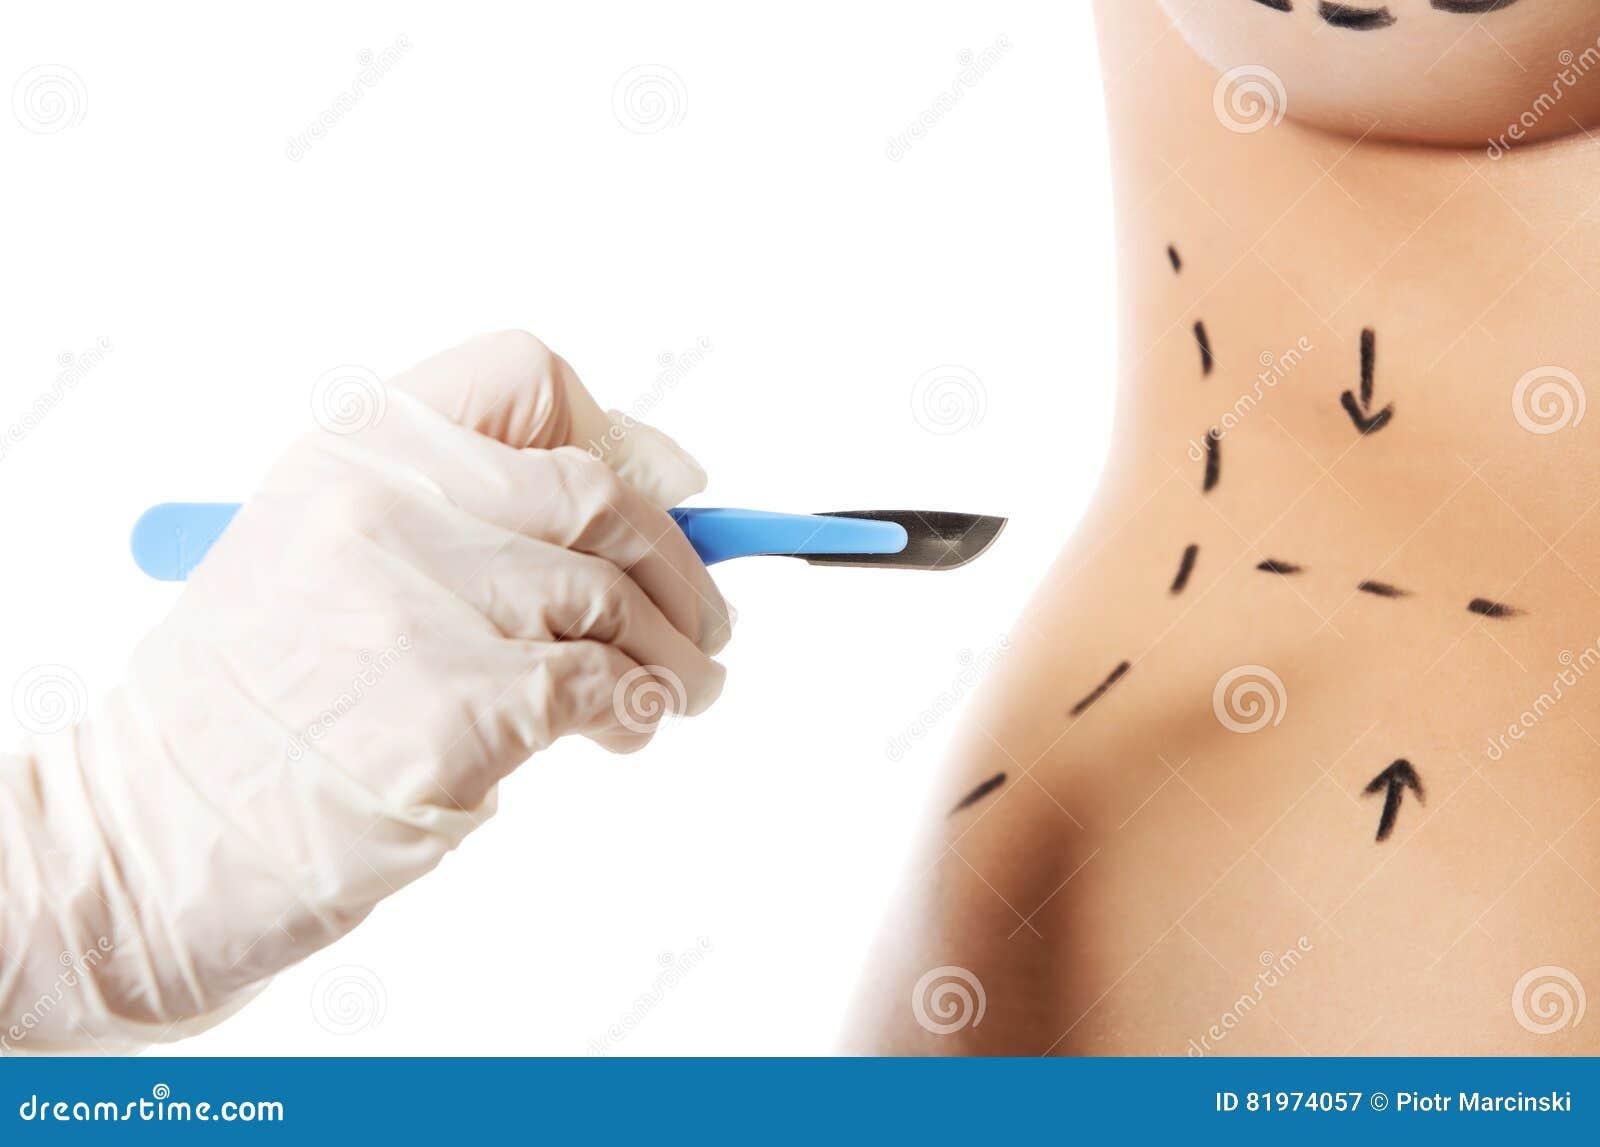 8b8460b36ce845 Corps De Femme Marqué Pour La Chirurgie Esthétique Image stock ...